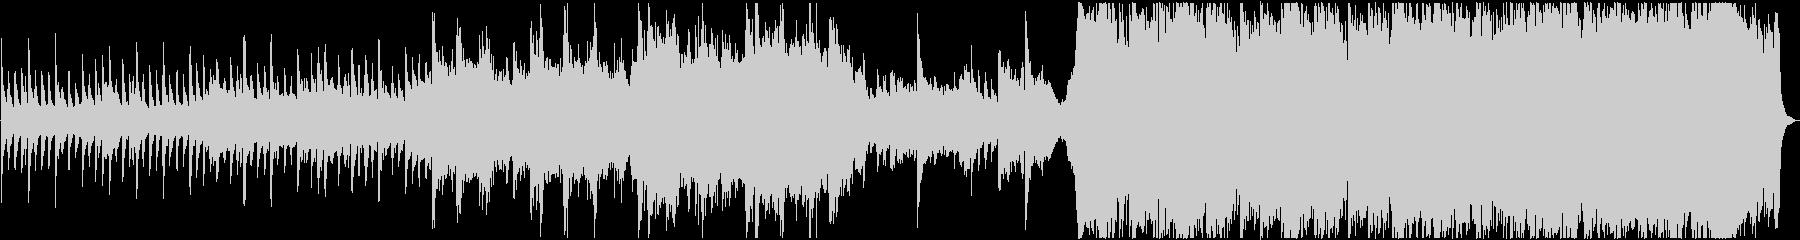 エレクトロ 交響曲 コーポレート ...の未再生の波形